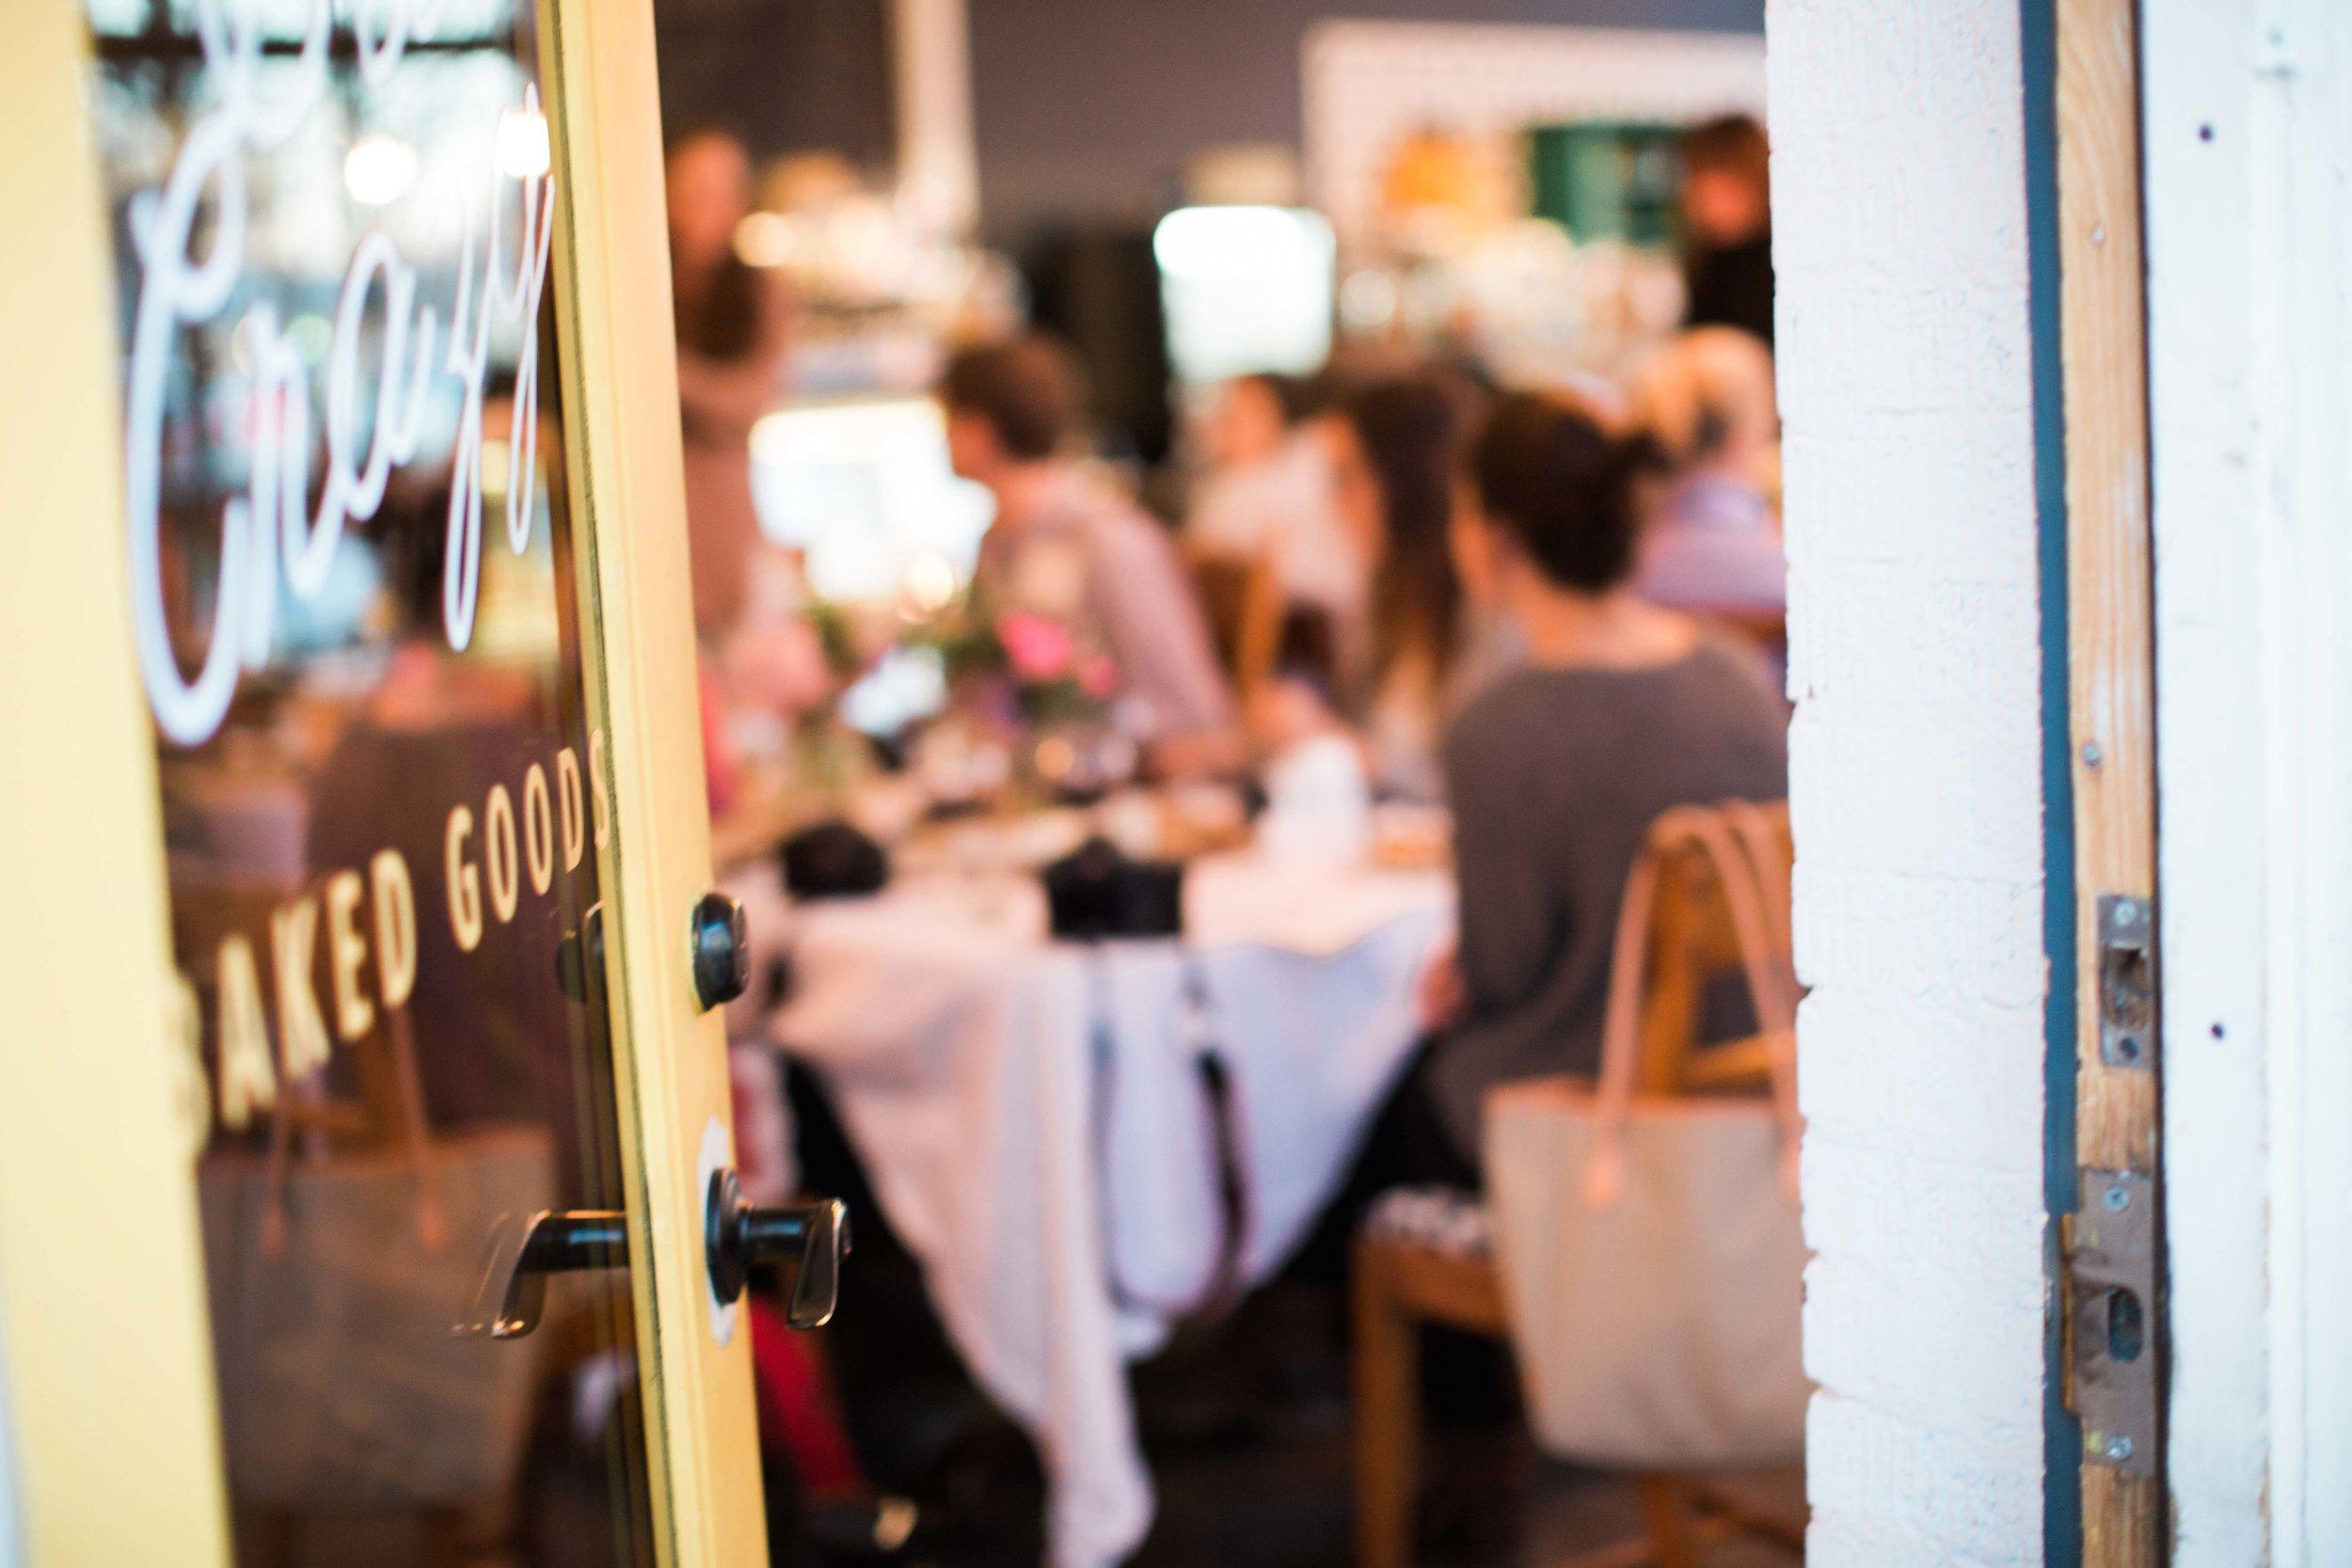 Photography Workshop at Stir Crazy Baked Goods 2-17-17 (84 of 116).jpg